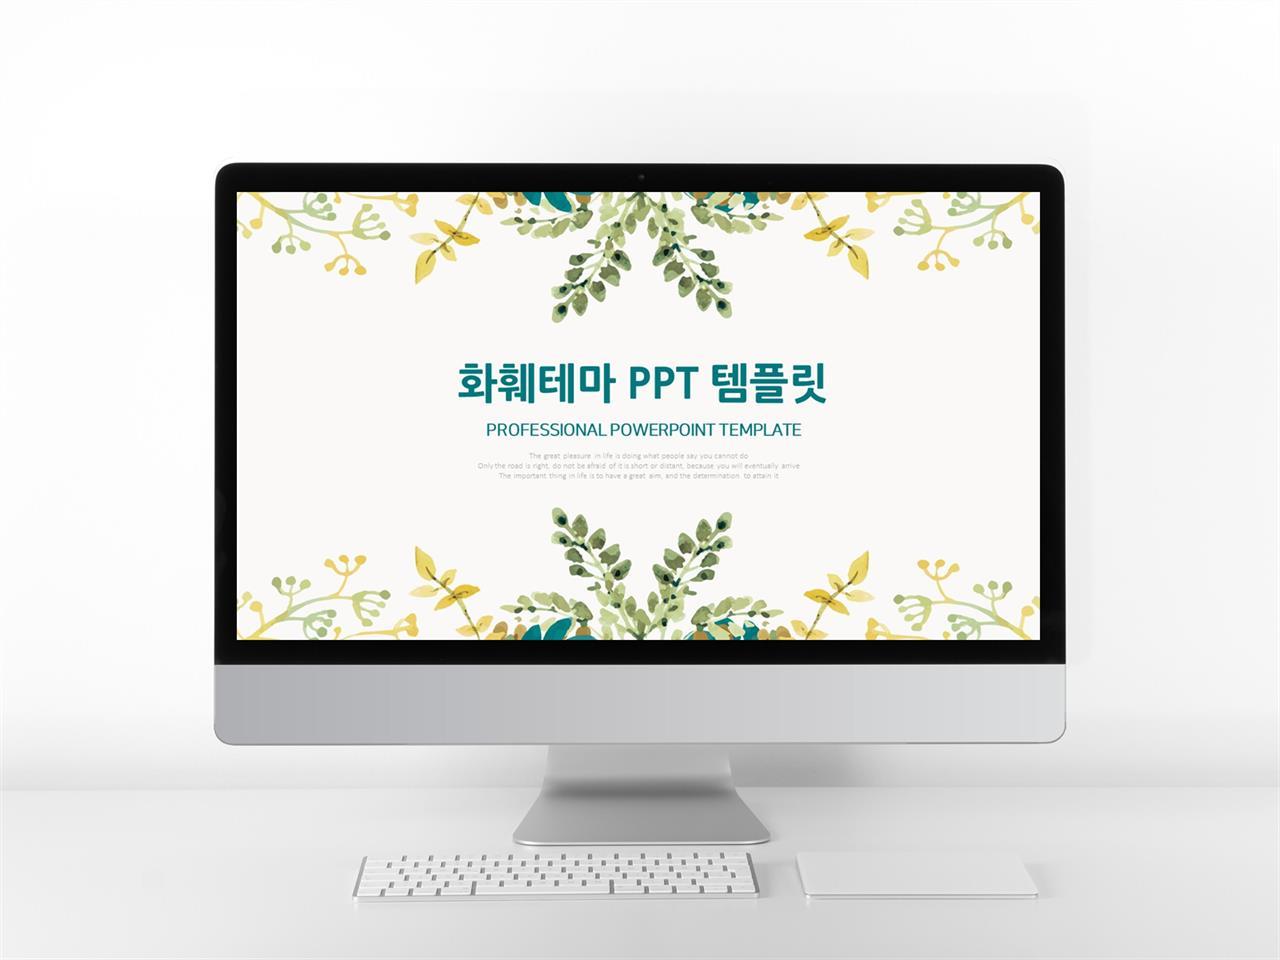 플라워, 동물주제 그린색 단아한 다양한 주제에 어울리는 POWERPOINT탬플릿 디자인 미리보기